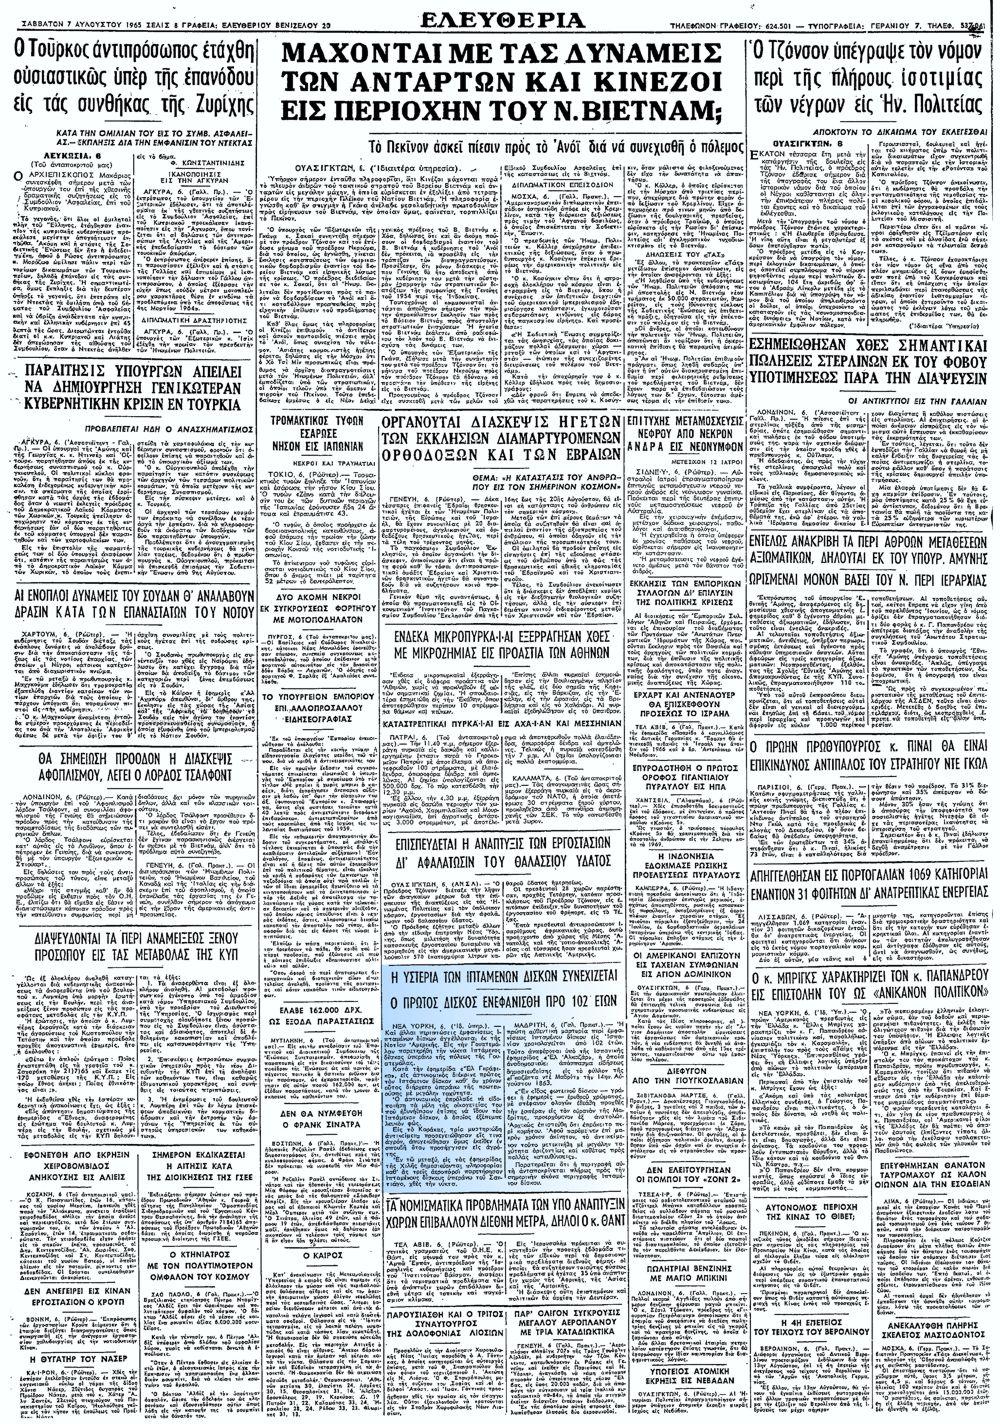 """Το άρθρο, όπως δημοσιεύθηκε στην εφημερίδα """"ΕΛΕΥΘΕΡΙΑ"""", στις 07/08/1965"""